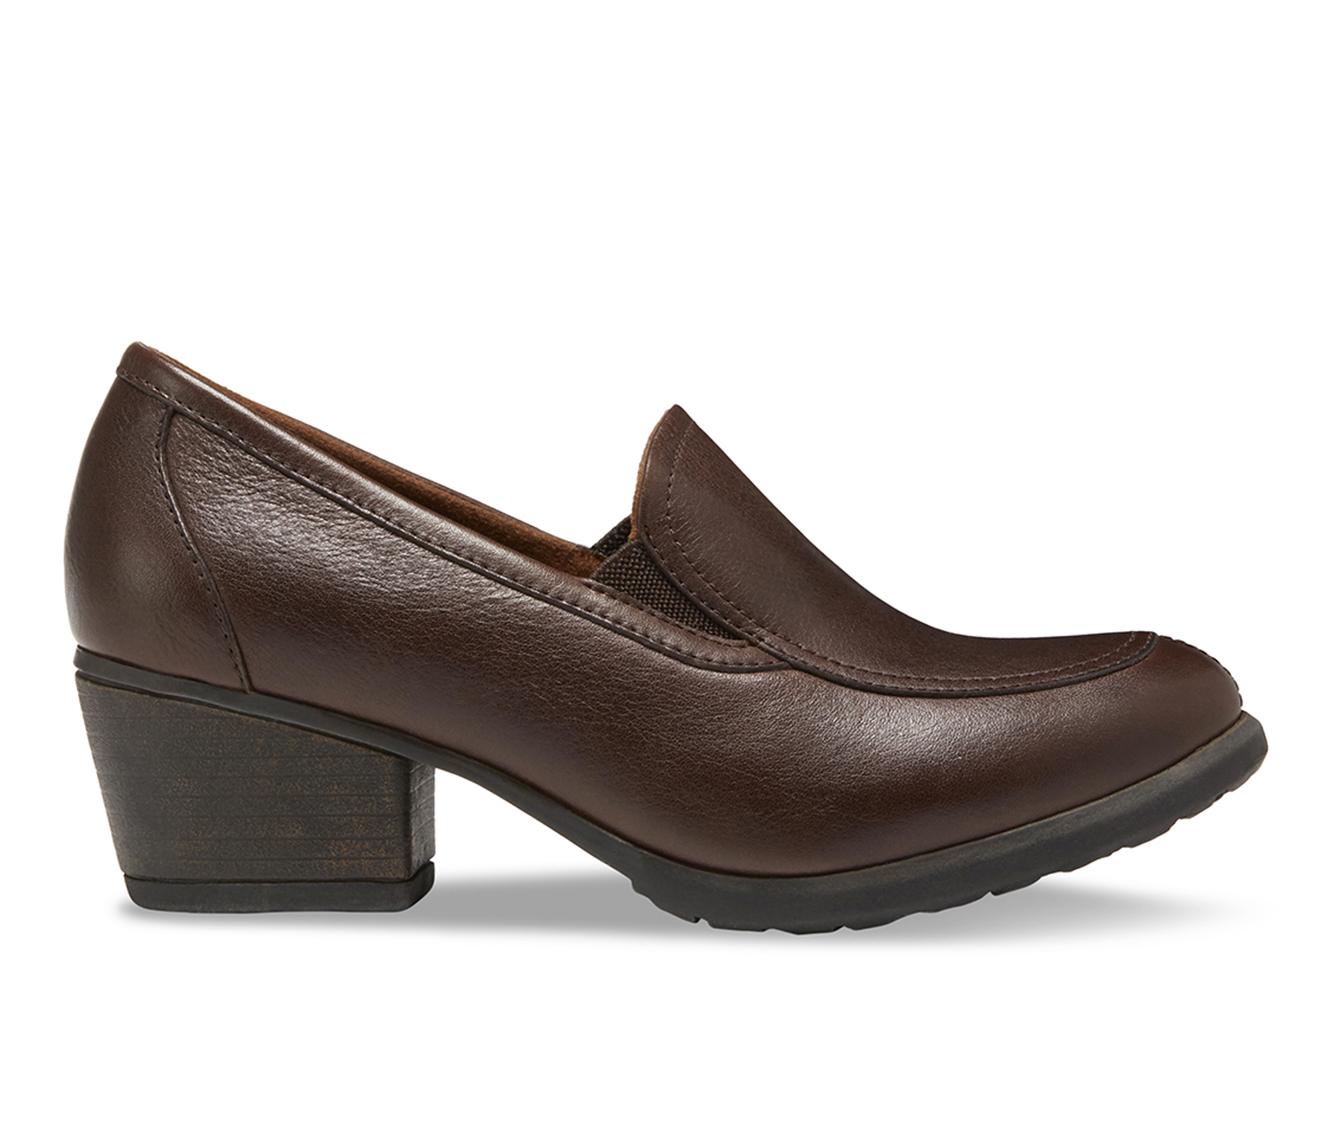 Eastland Tonie Women's Shoe (Brown Leather)